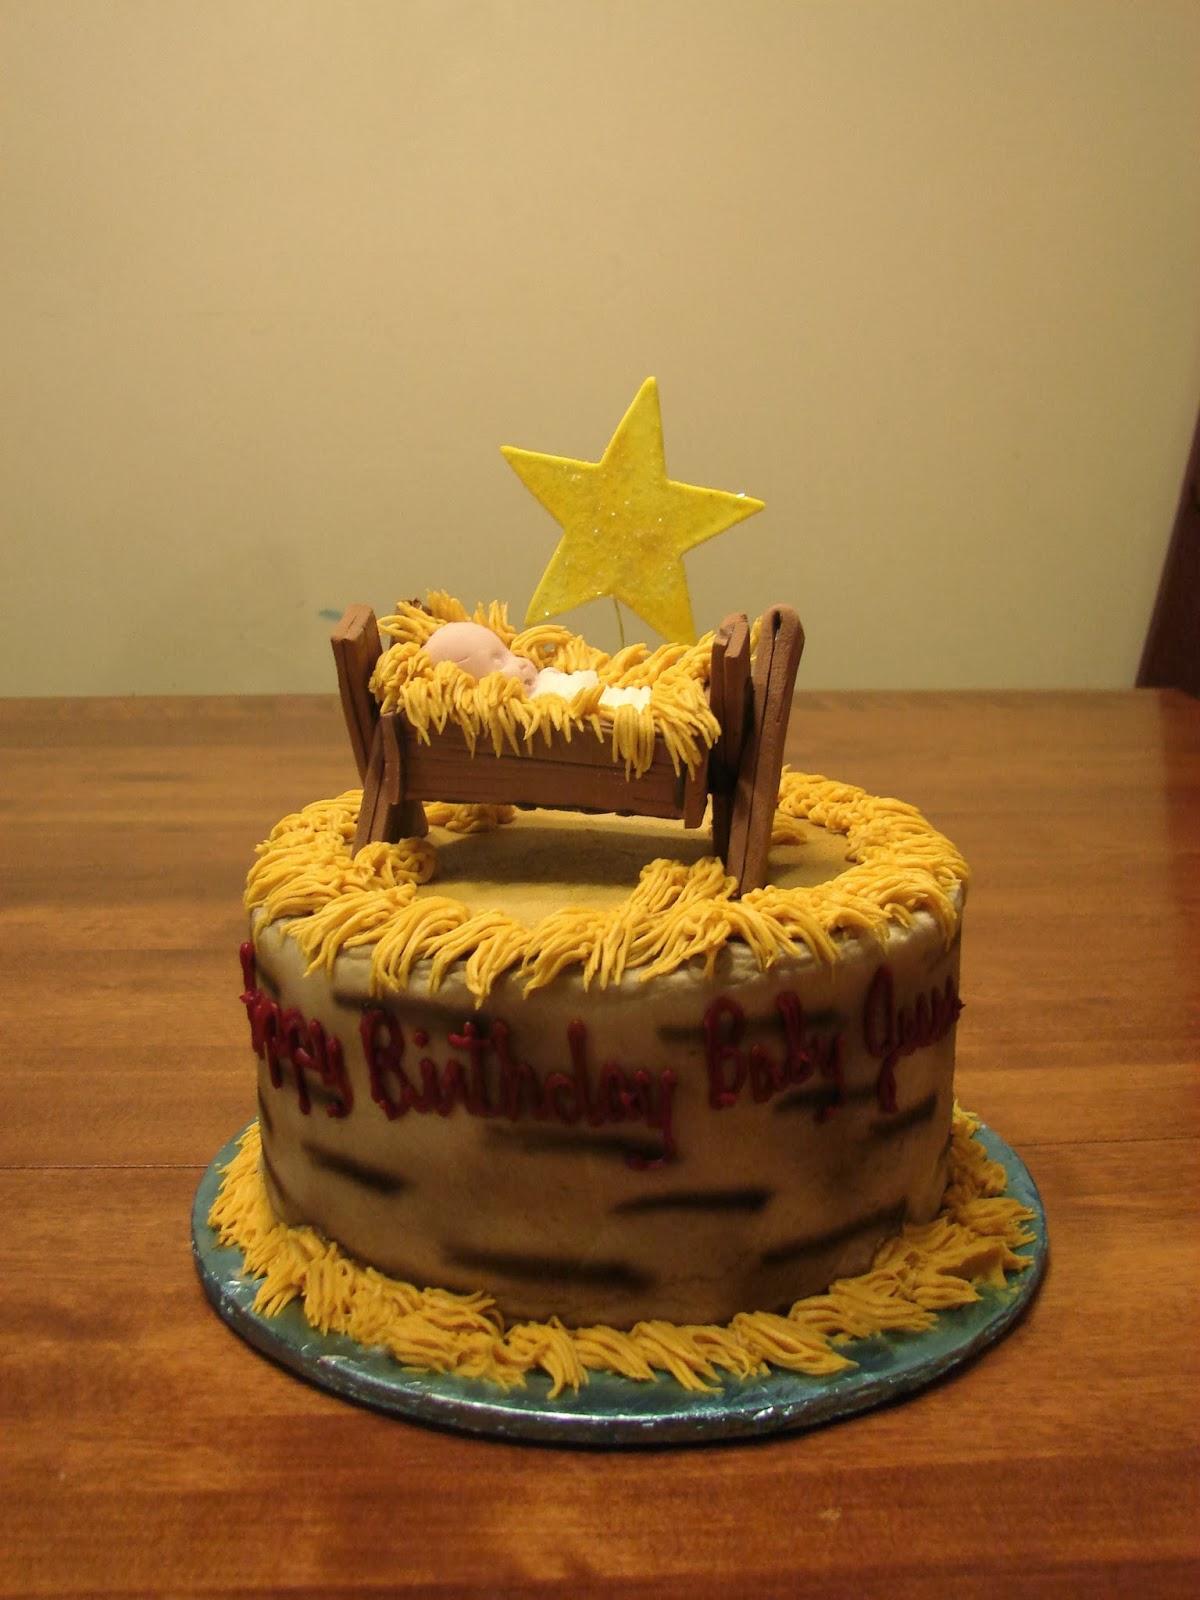 Jesus Birthday Cake Images : Jesus Birthday Cake